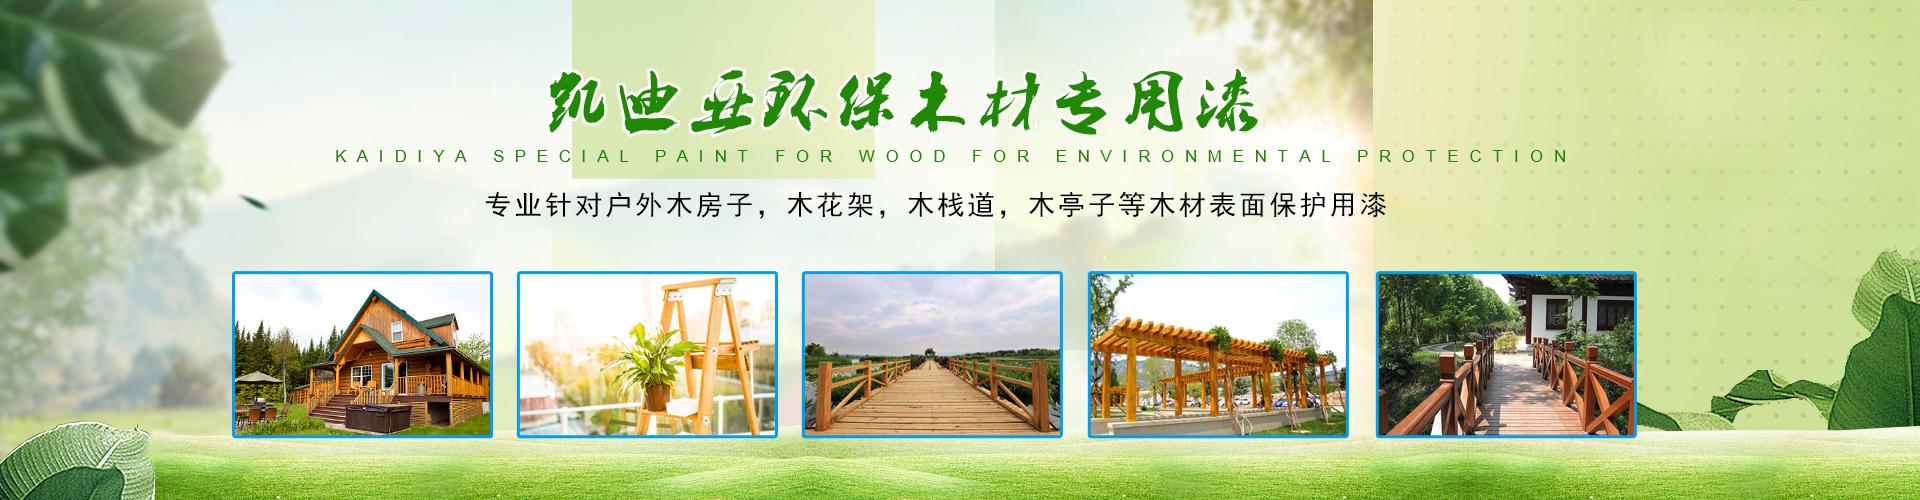 云南防腐木专用木油